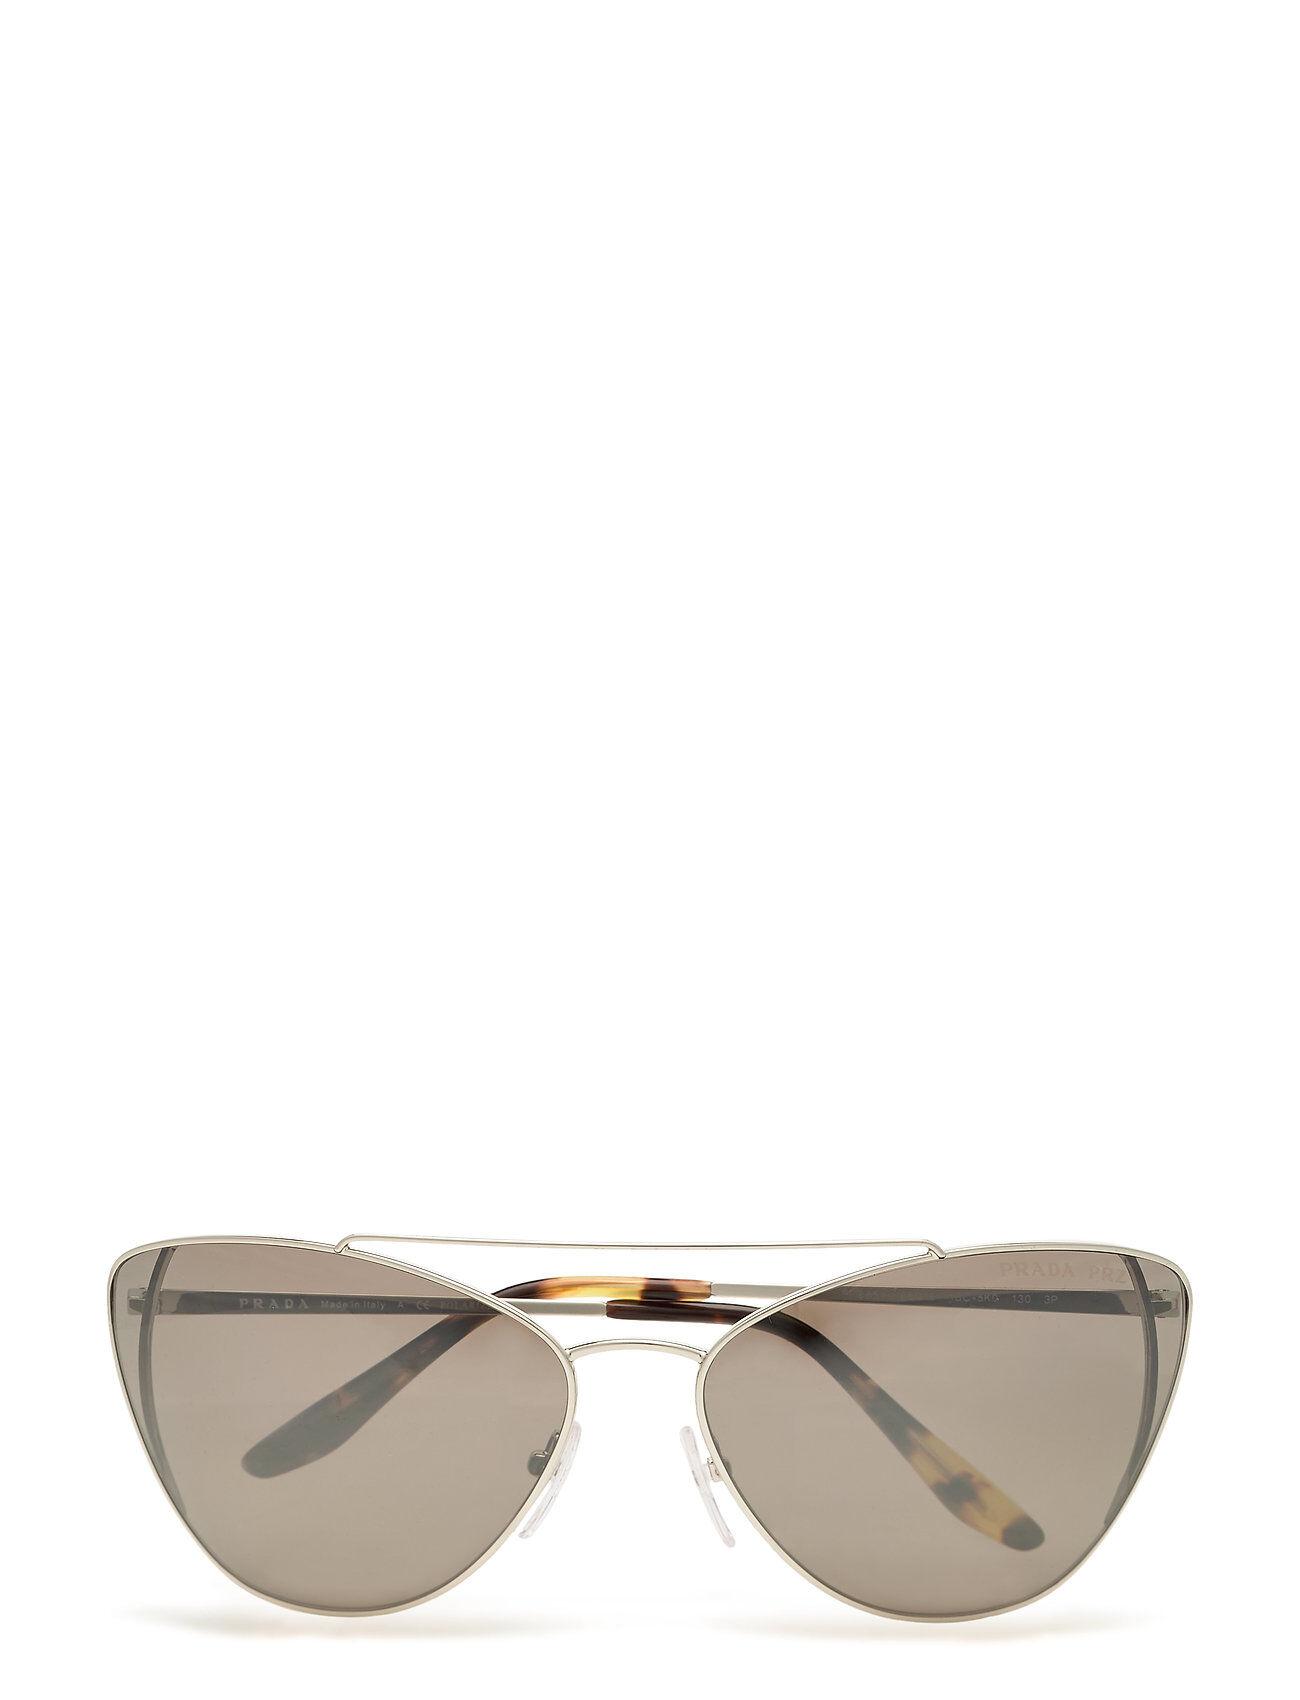 Image of Prada Sunglasses Aurinkolasit Hopea